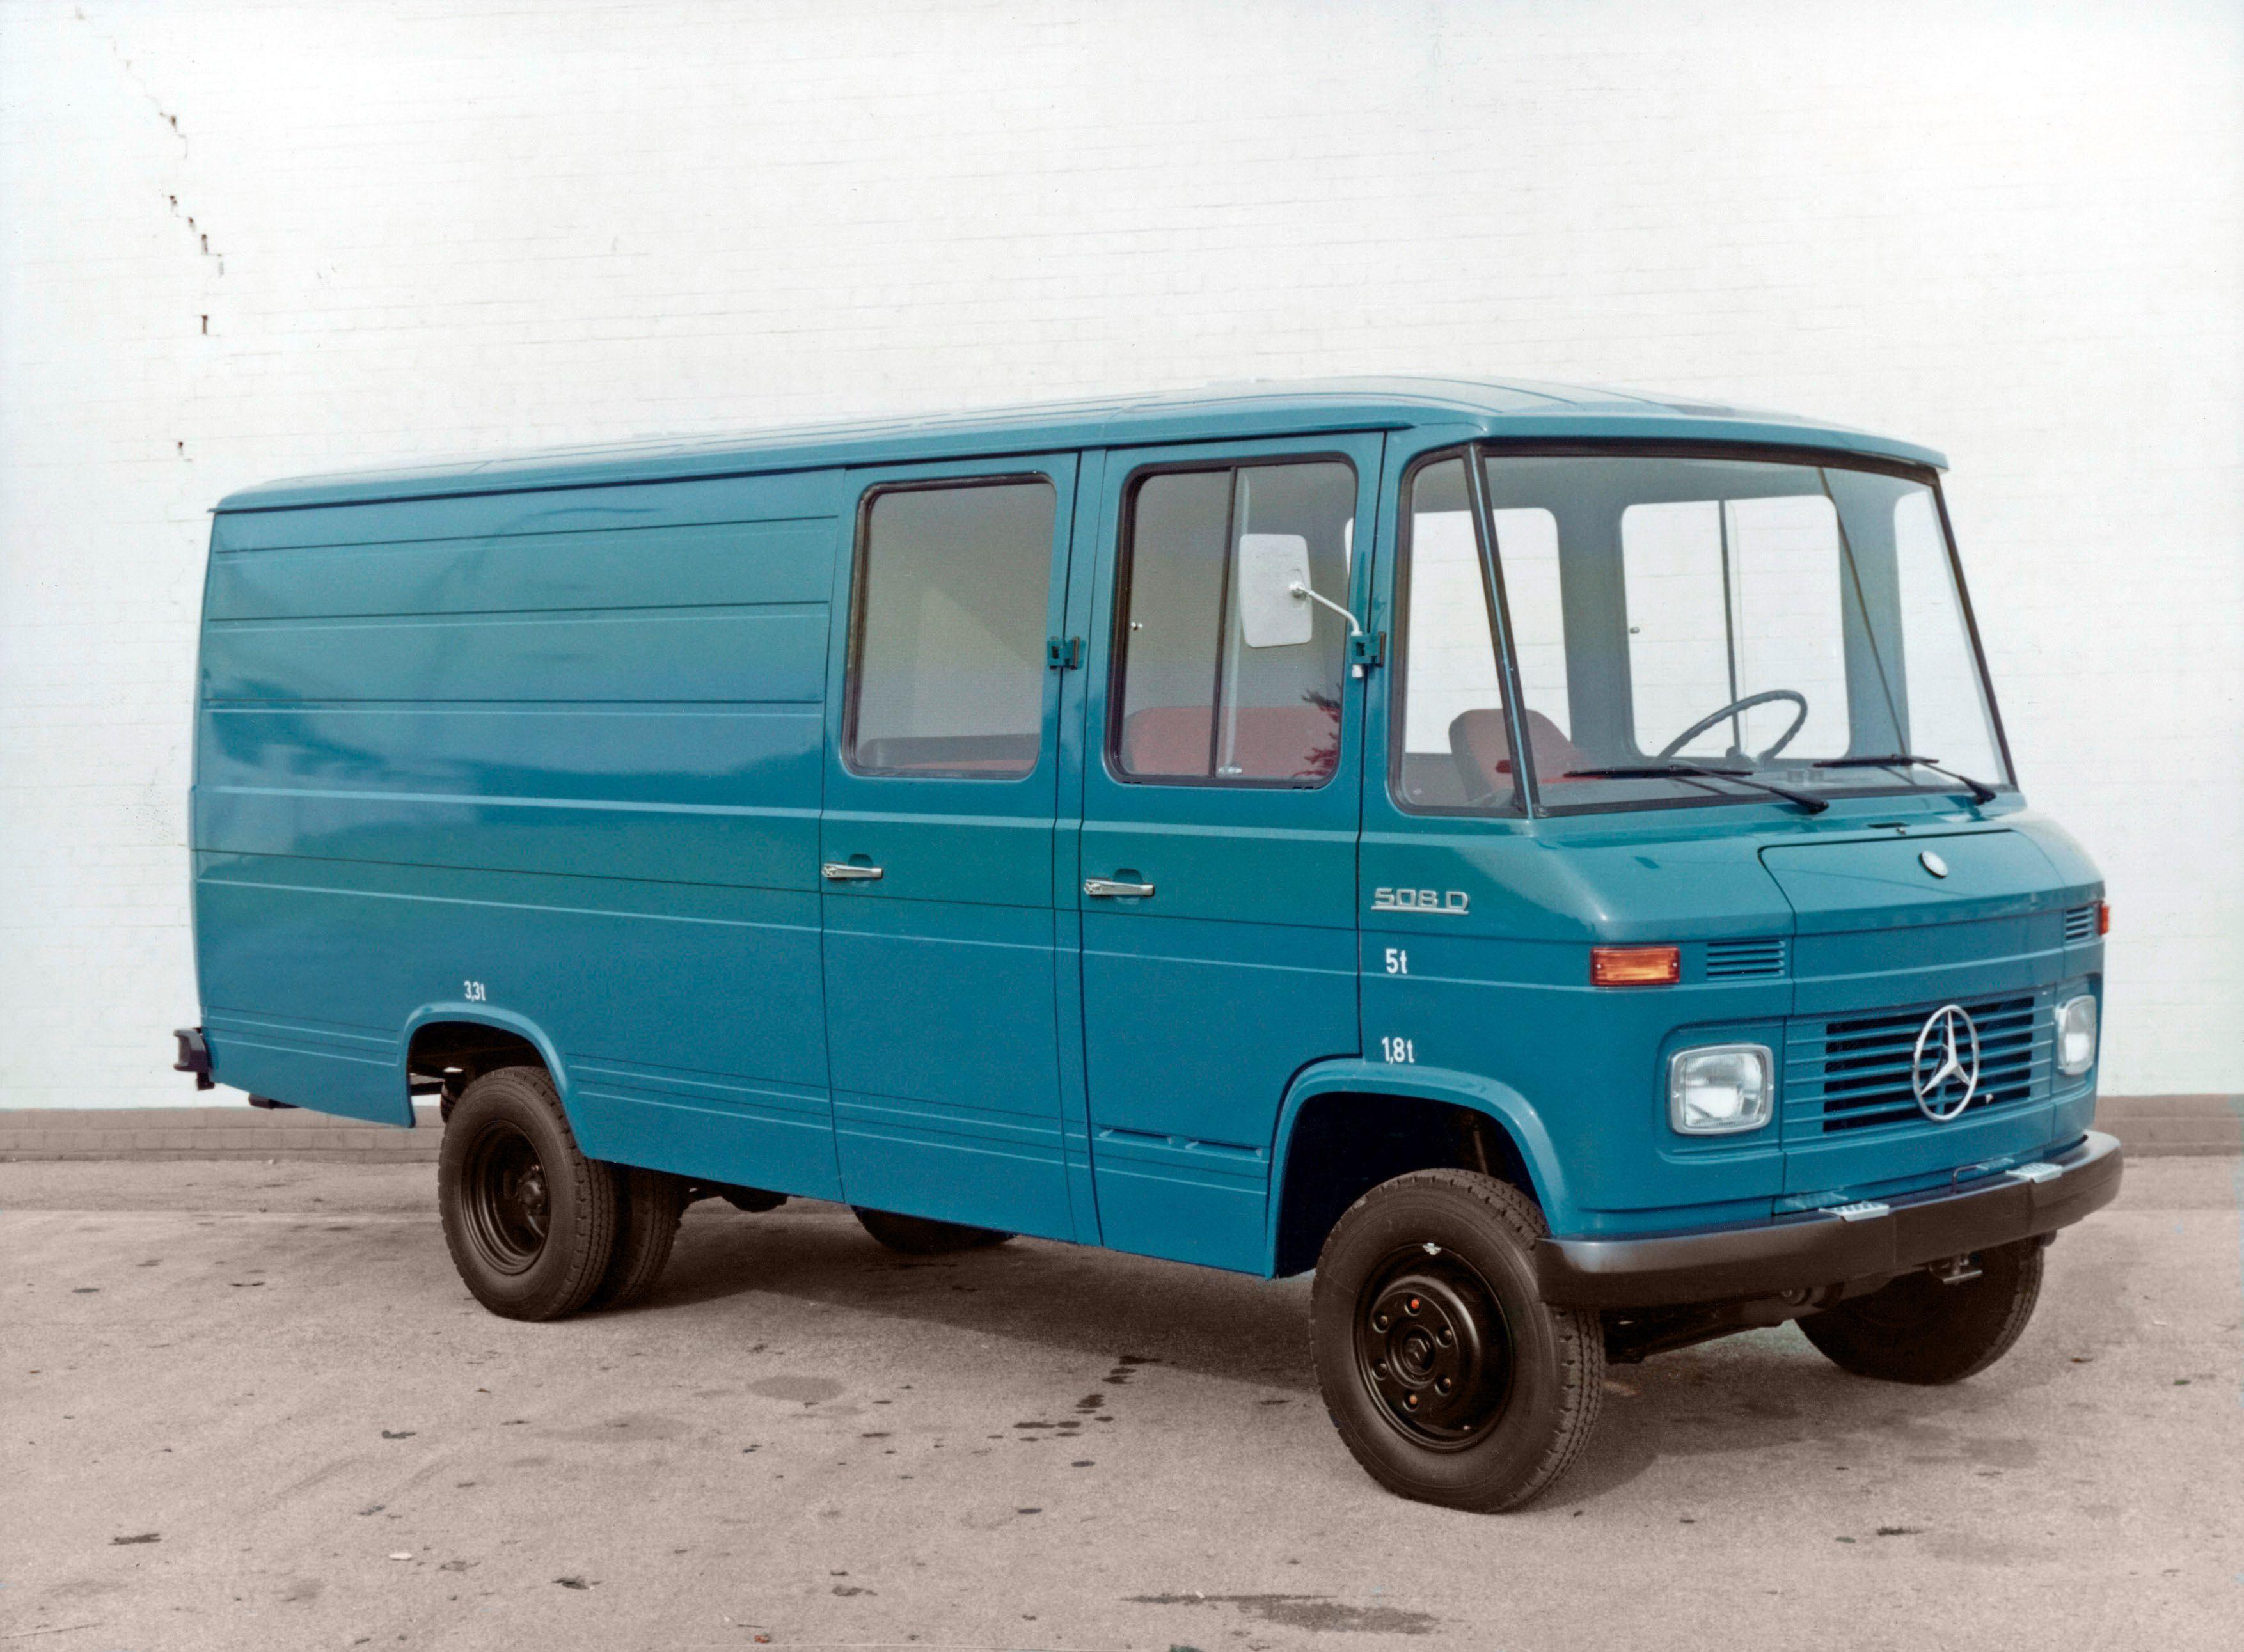 Mercedes benz l 508 d br 309 1968